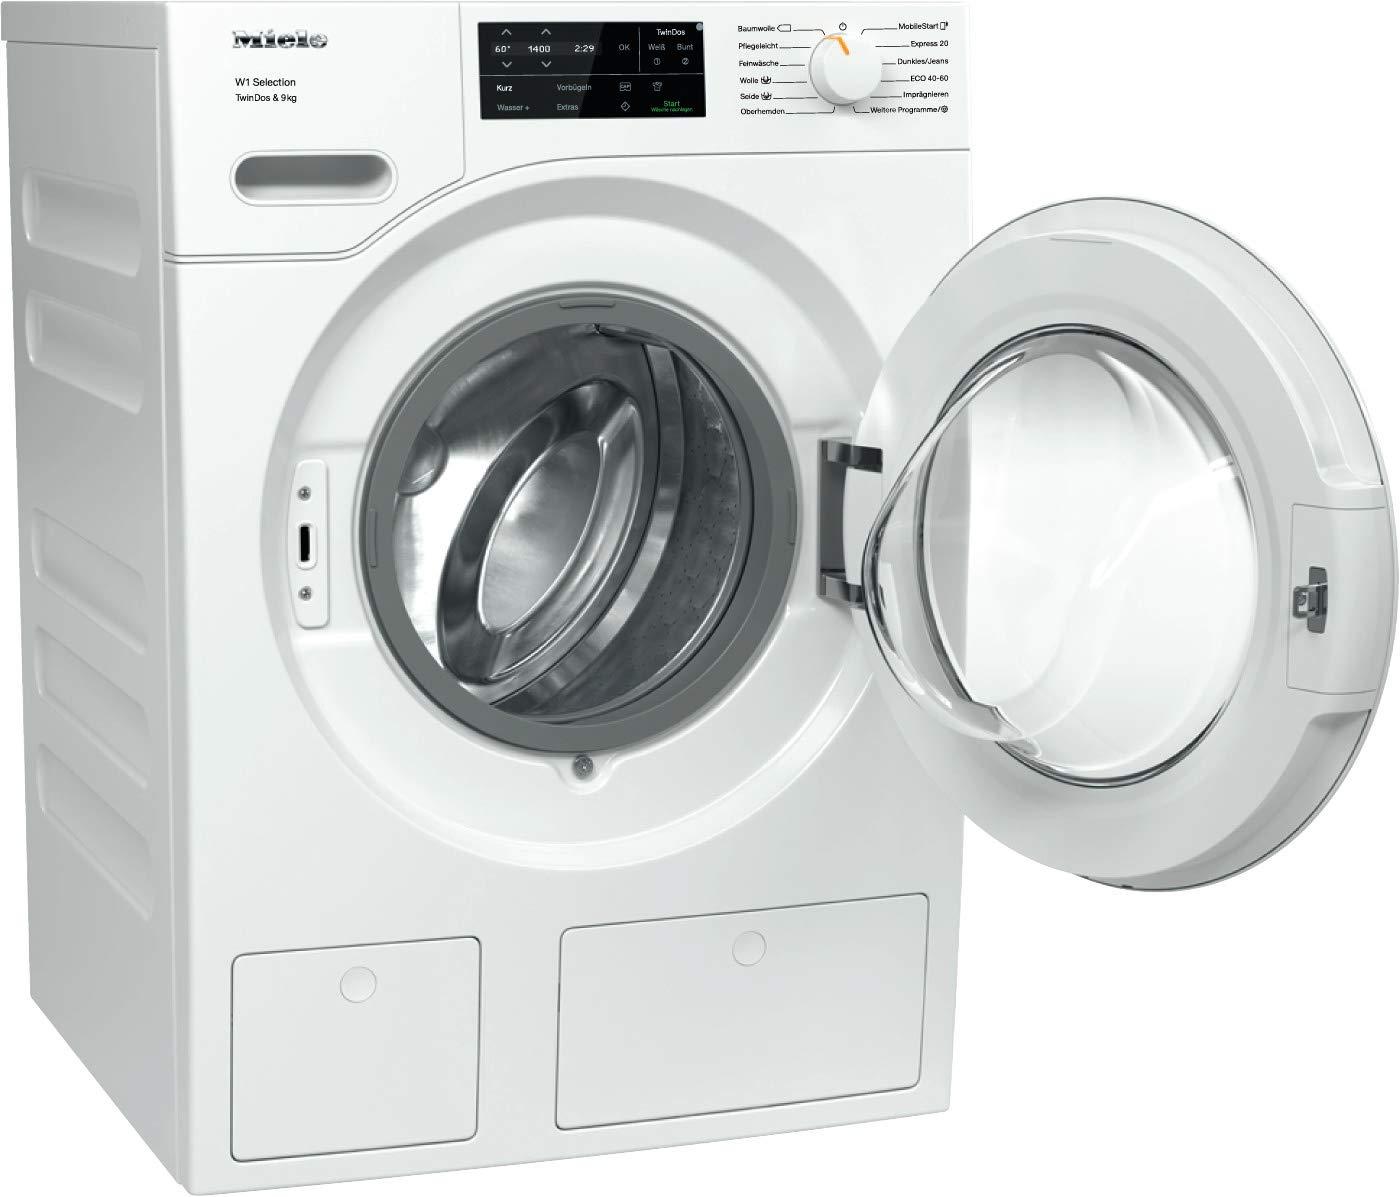 Miele-WSG-663-WCS-9kg-Waschmaschine-mit-Schontrommel-Autom-Waschmitteldosierung-Vernetzung-1400-Umin-Addload